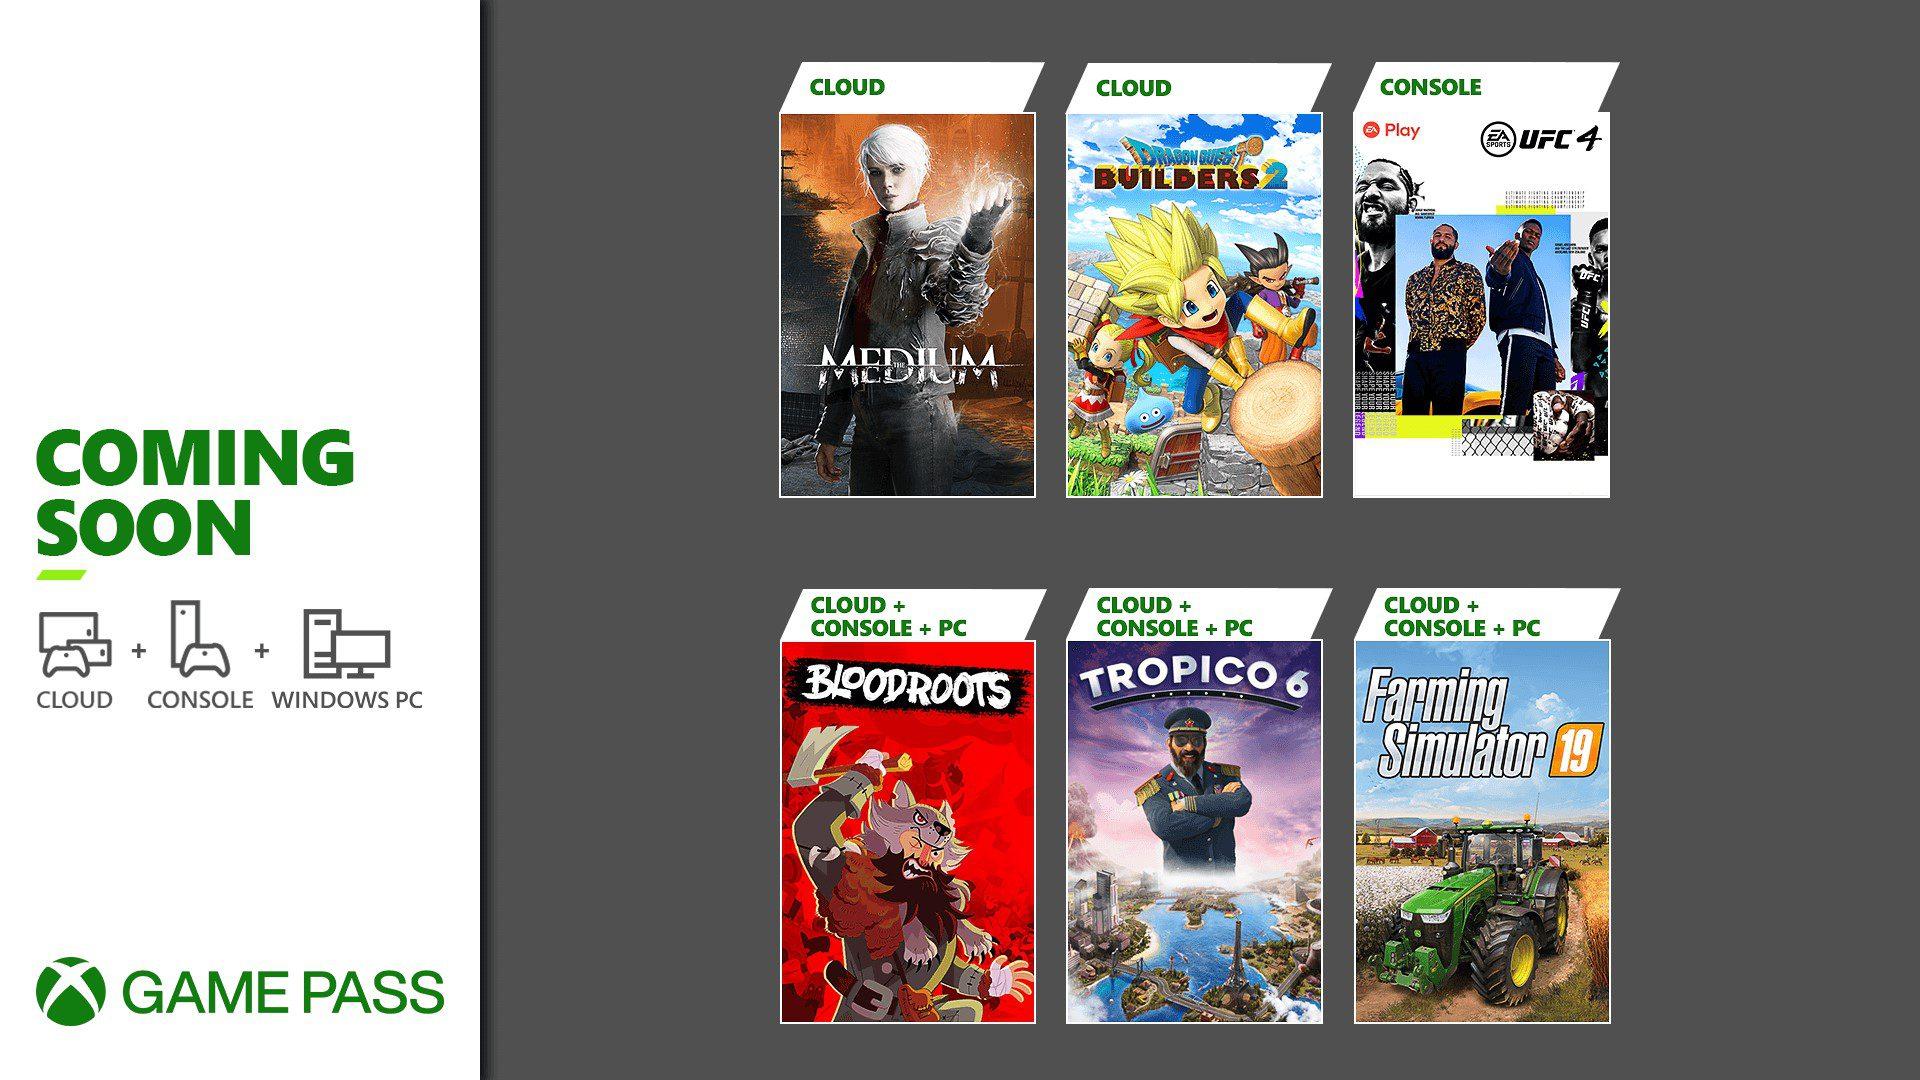 Desvelados los nuevos títulos para Xbox Game Pass del mes de julio - Ya conocemos los próximos títulos que llegarán a Xbox Game Pass en la primera mitad del mes de julio para nuestras consolas Xbox, PC y Android.